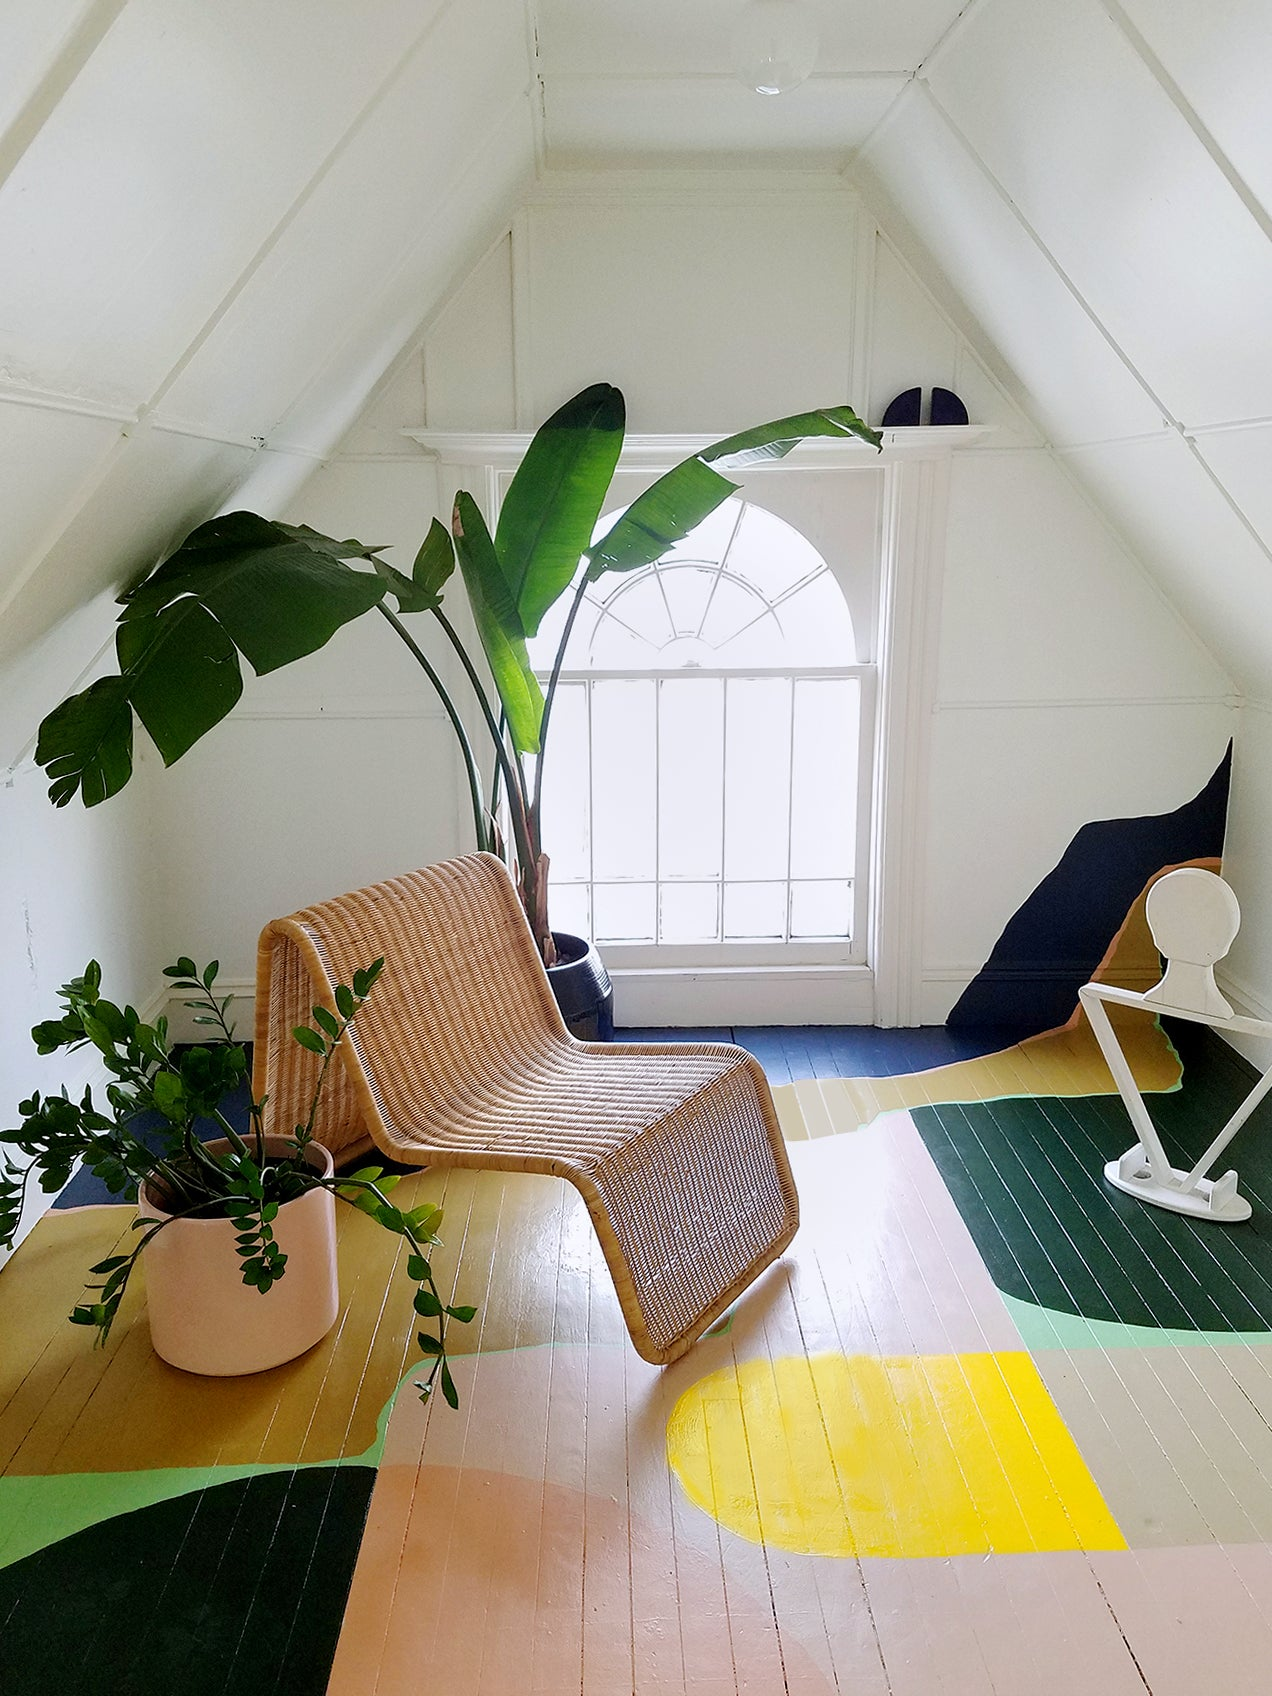 00-FEATURE-DIY-pattern-floor-domino